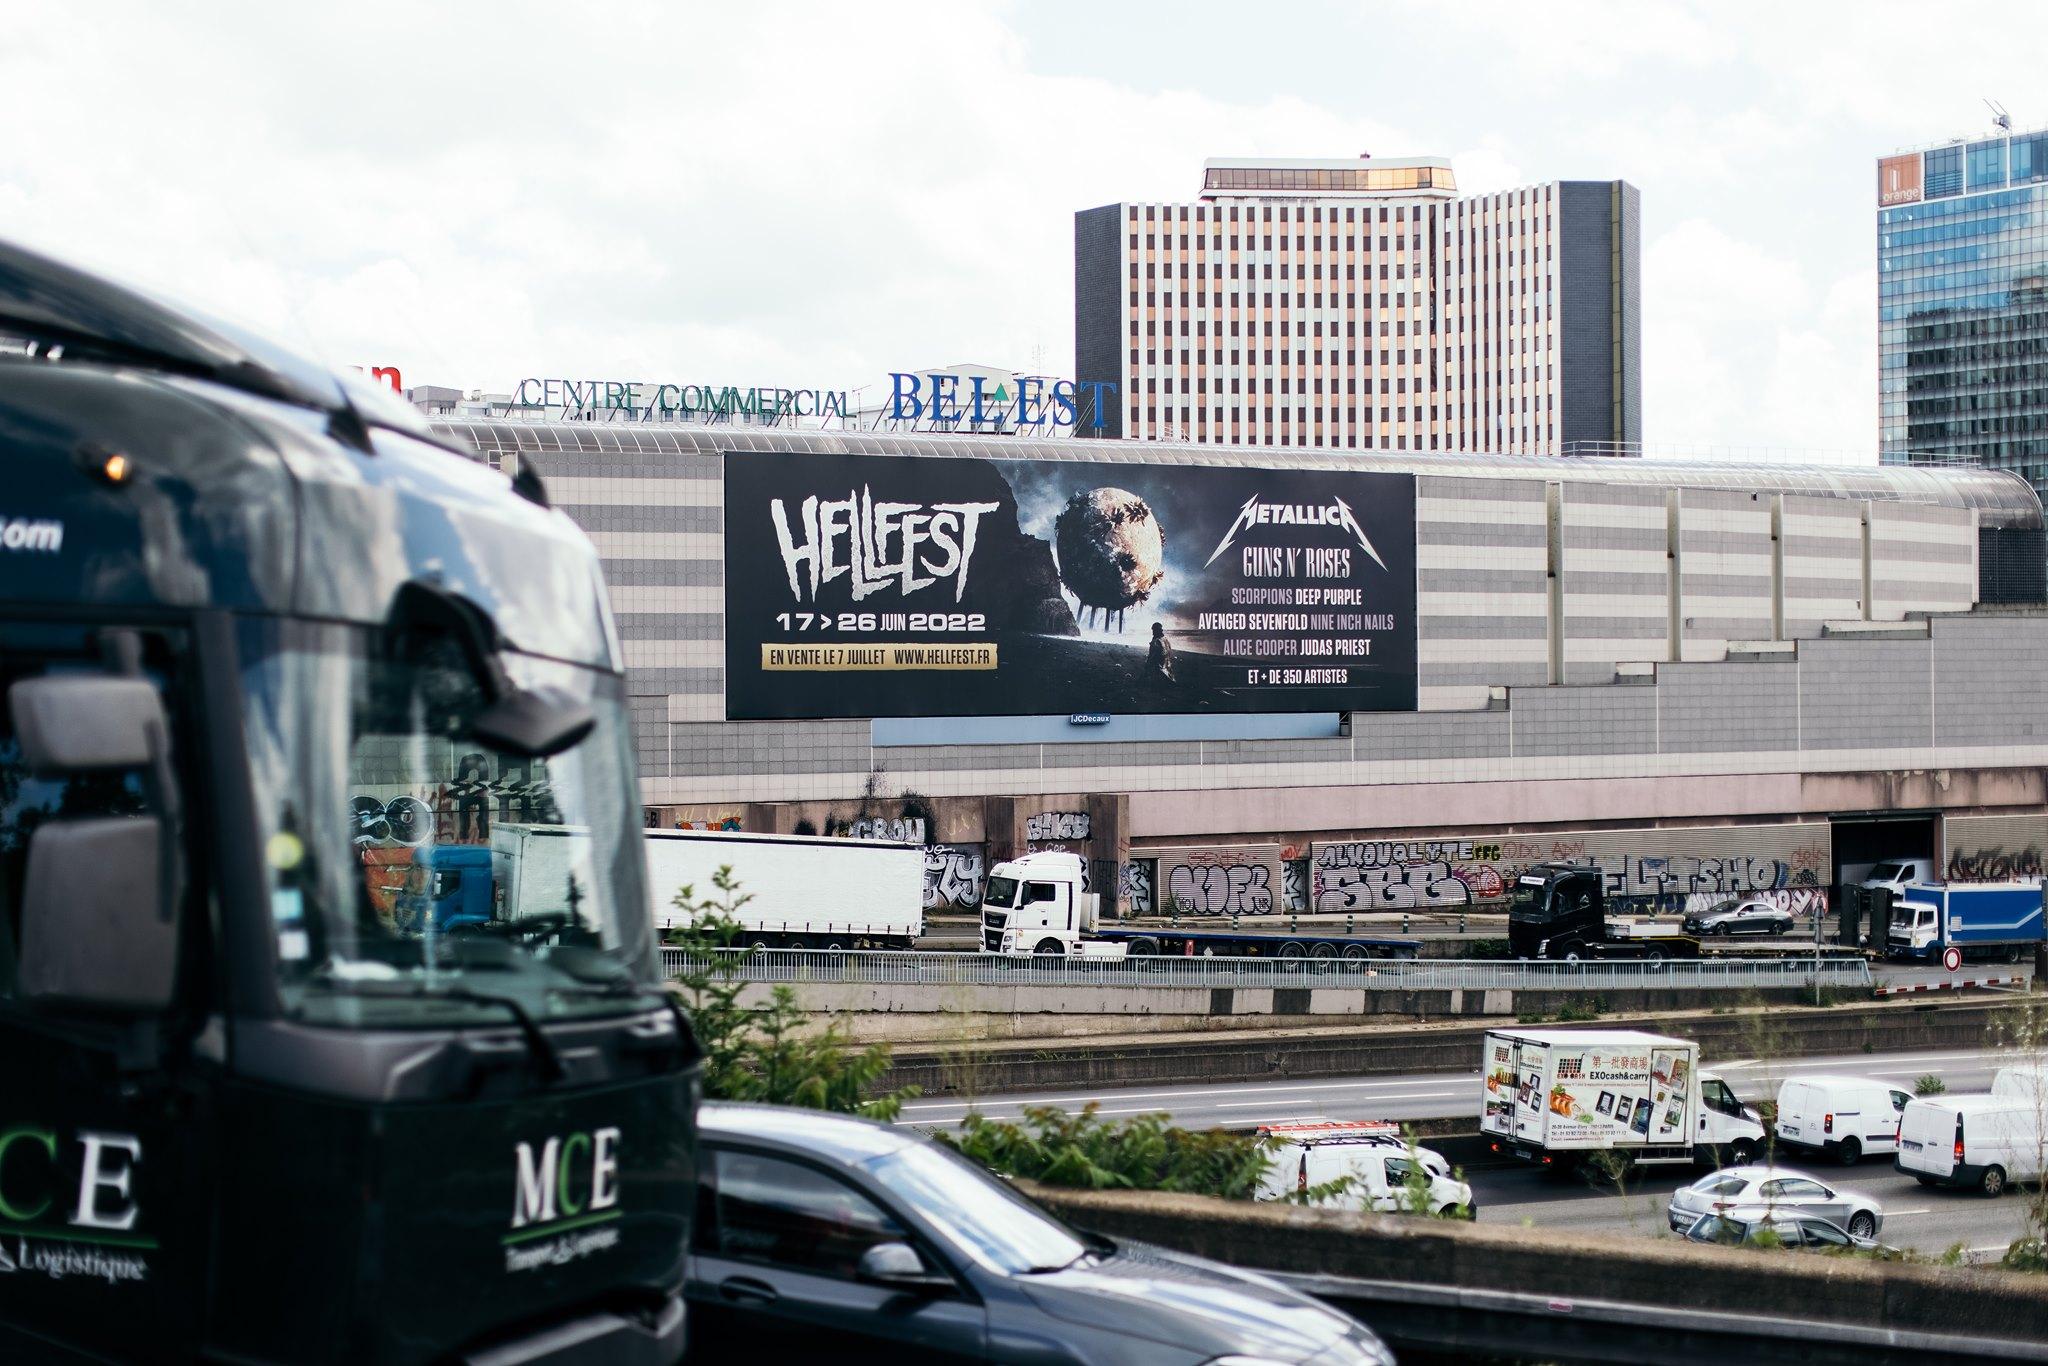 hellfest billboard